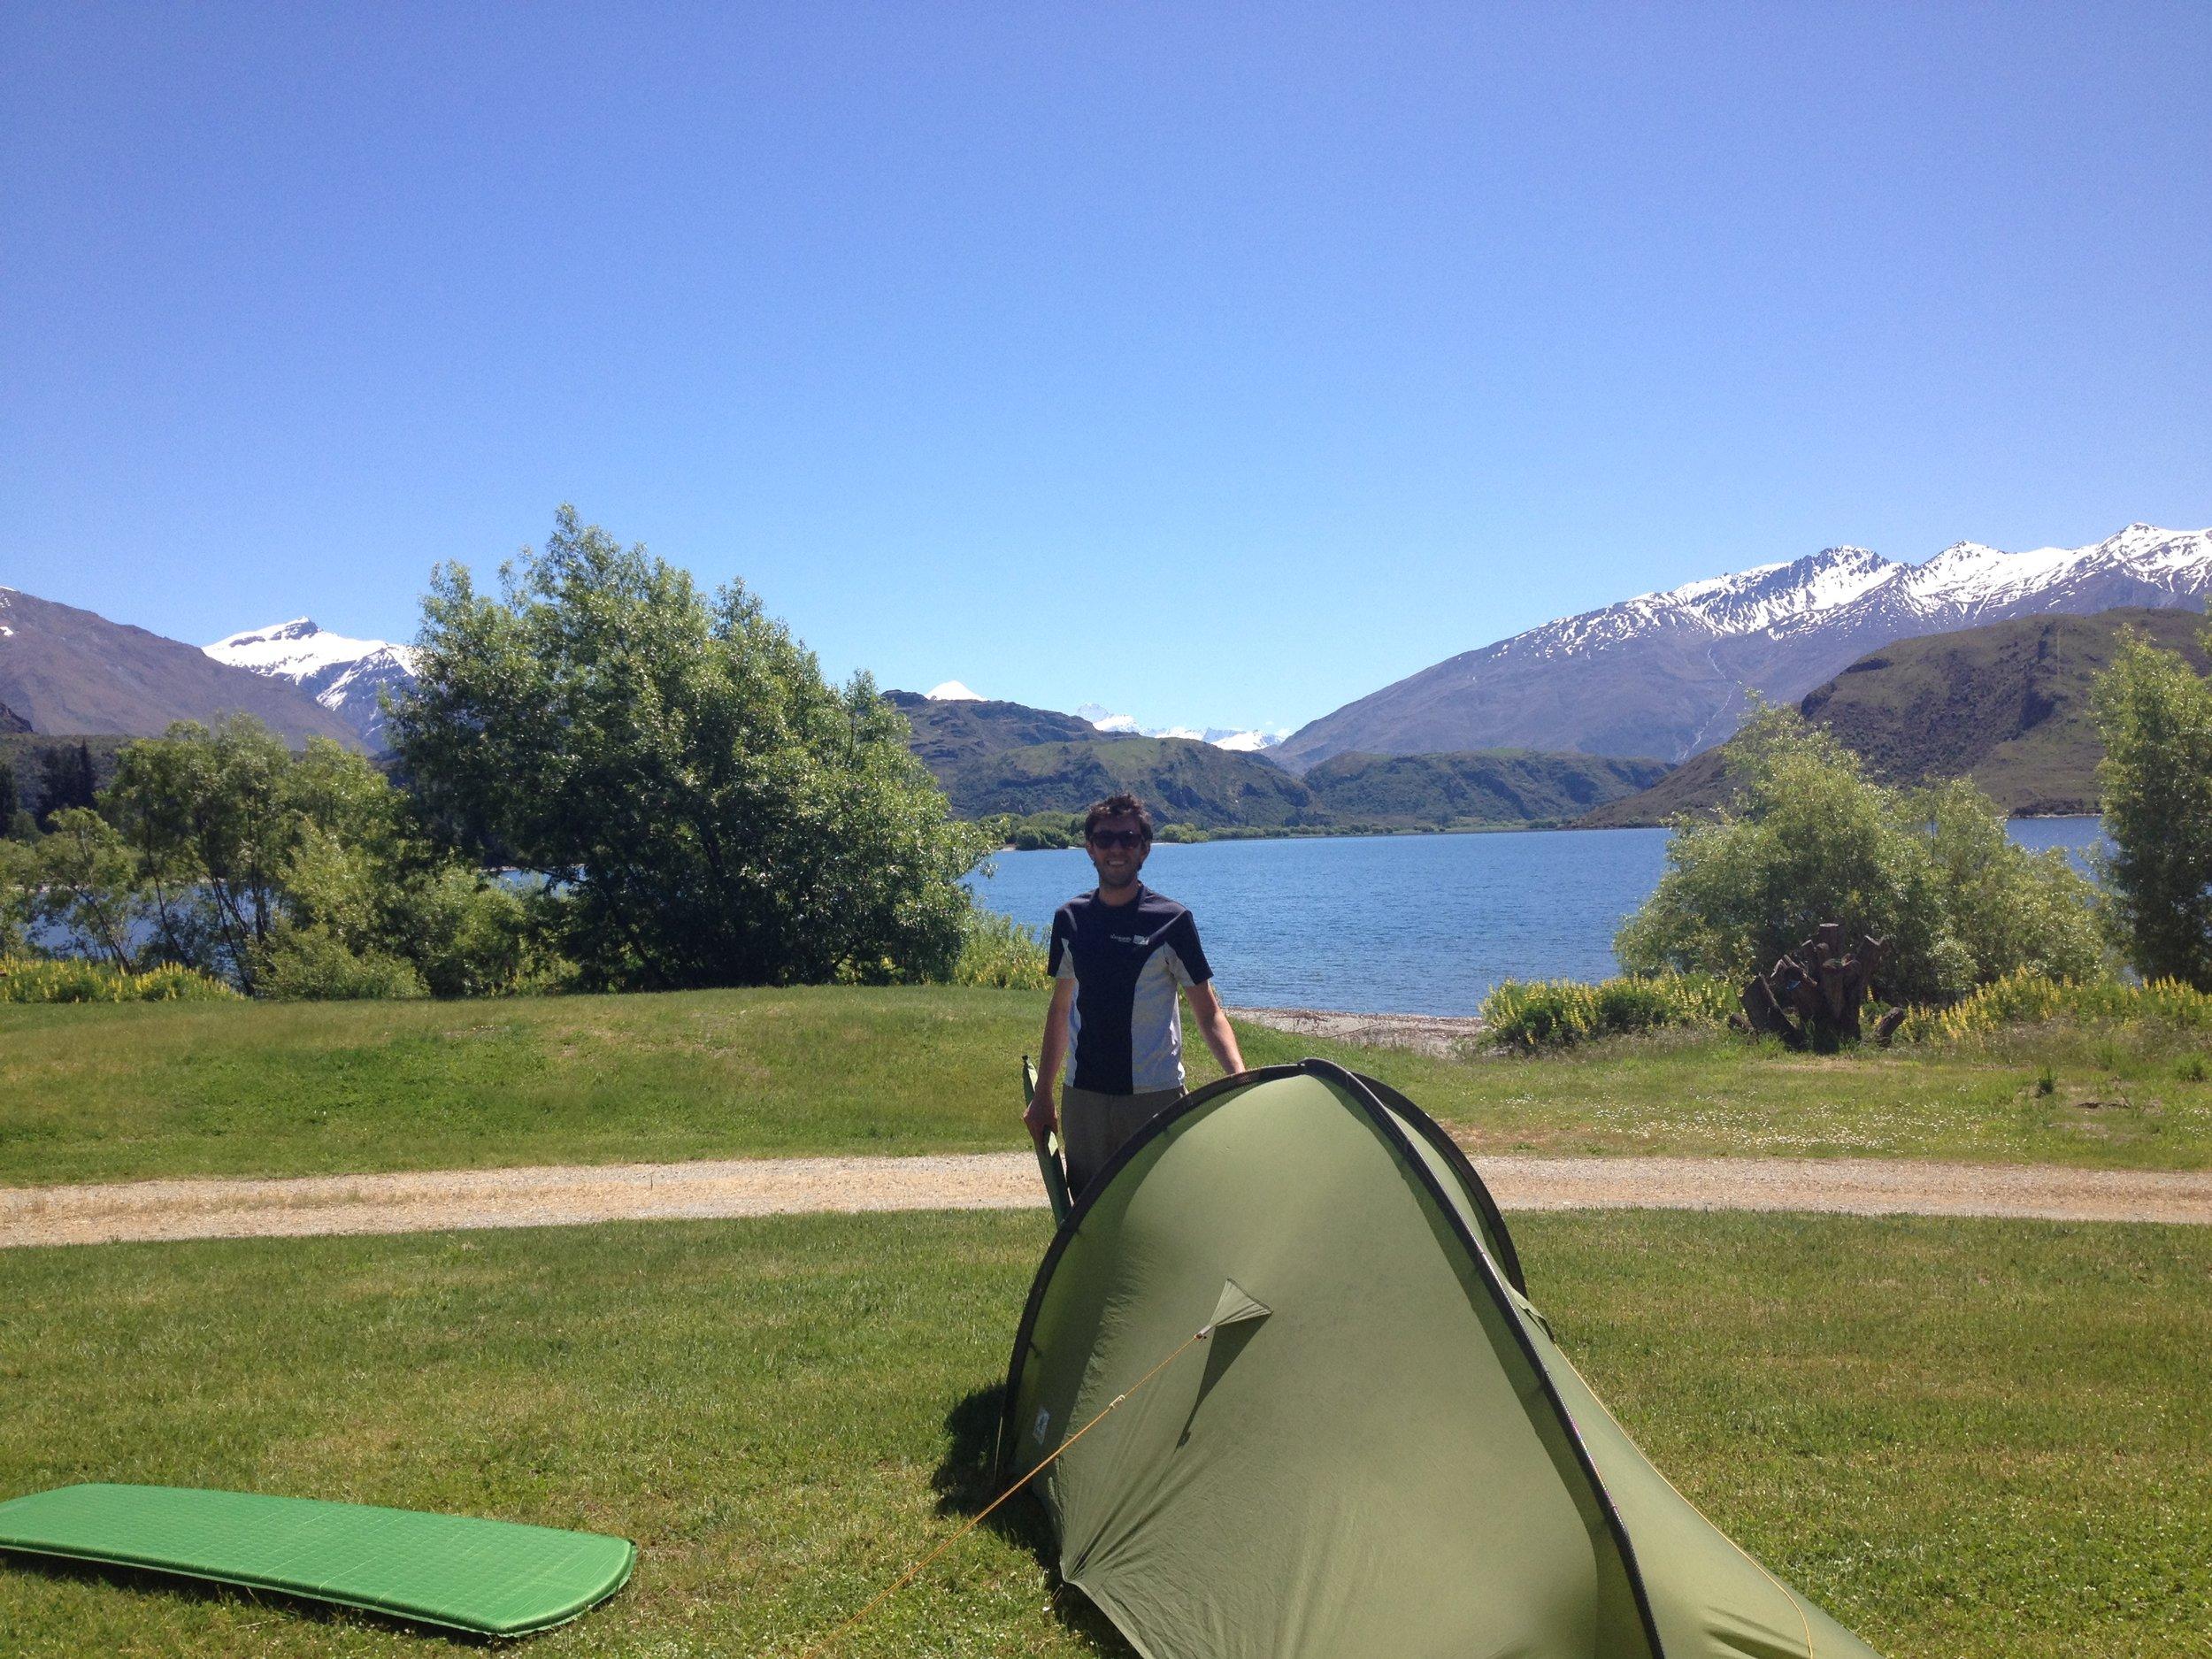 Gustavo enjoying the outdoors at Lake Wanaka, New Zealand (2016). Photo courtesy of Samantha Mikus